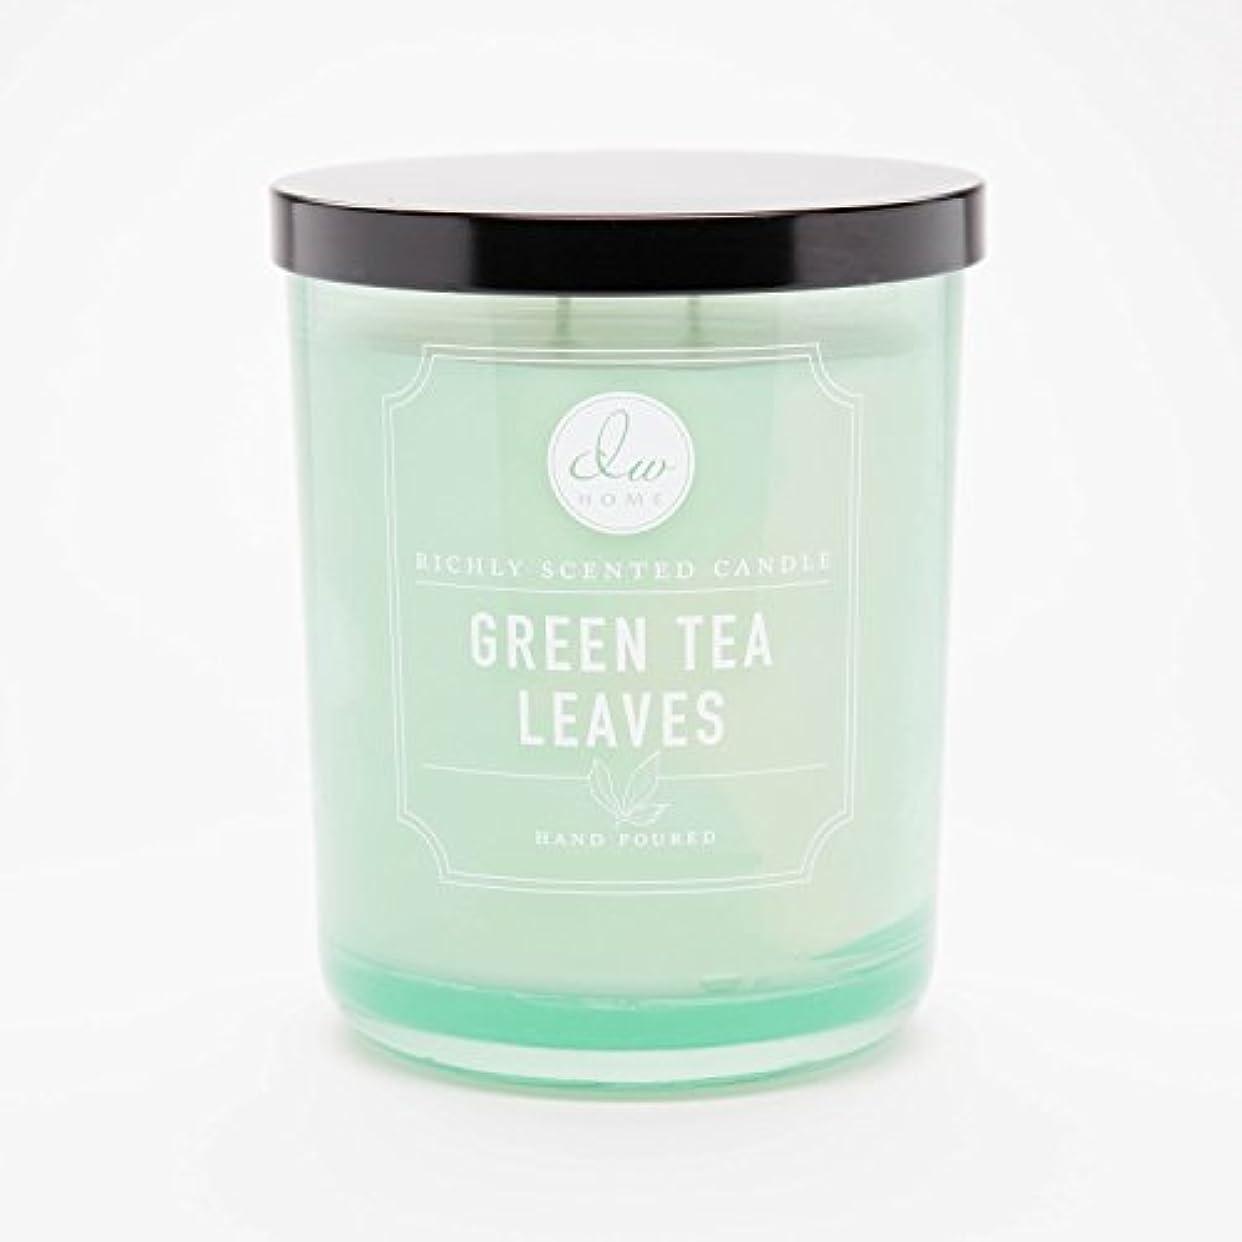 素晴らしいマウス菊Green Tea Leaves Richly Scented Candle Small Single Wick Hand Poured From Dw